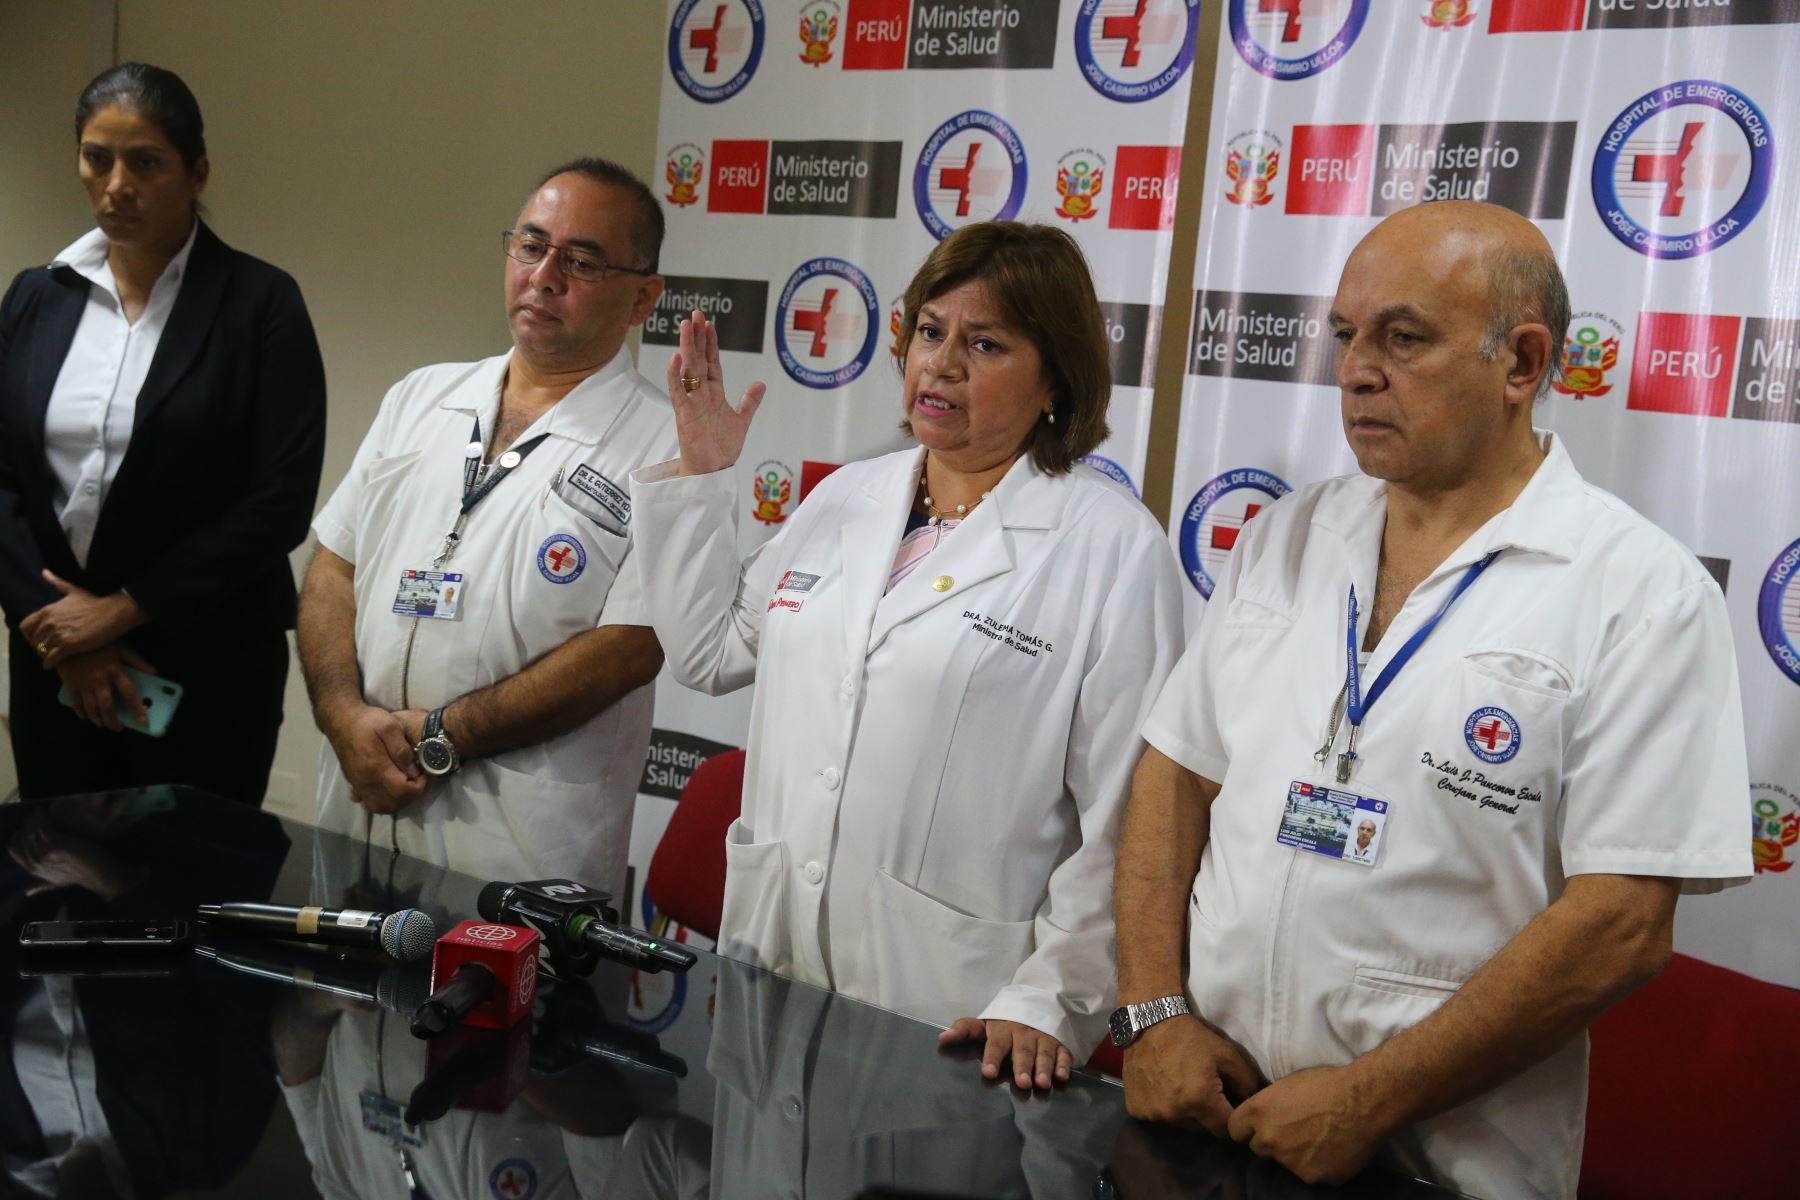 Conferencia de prensa sobre el estado de salud del expresidente Alan García. Foto: ANDINA/ Vidal Tarqui